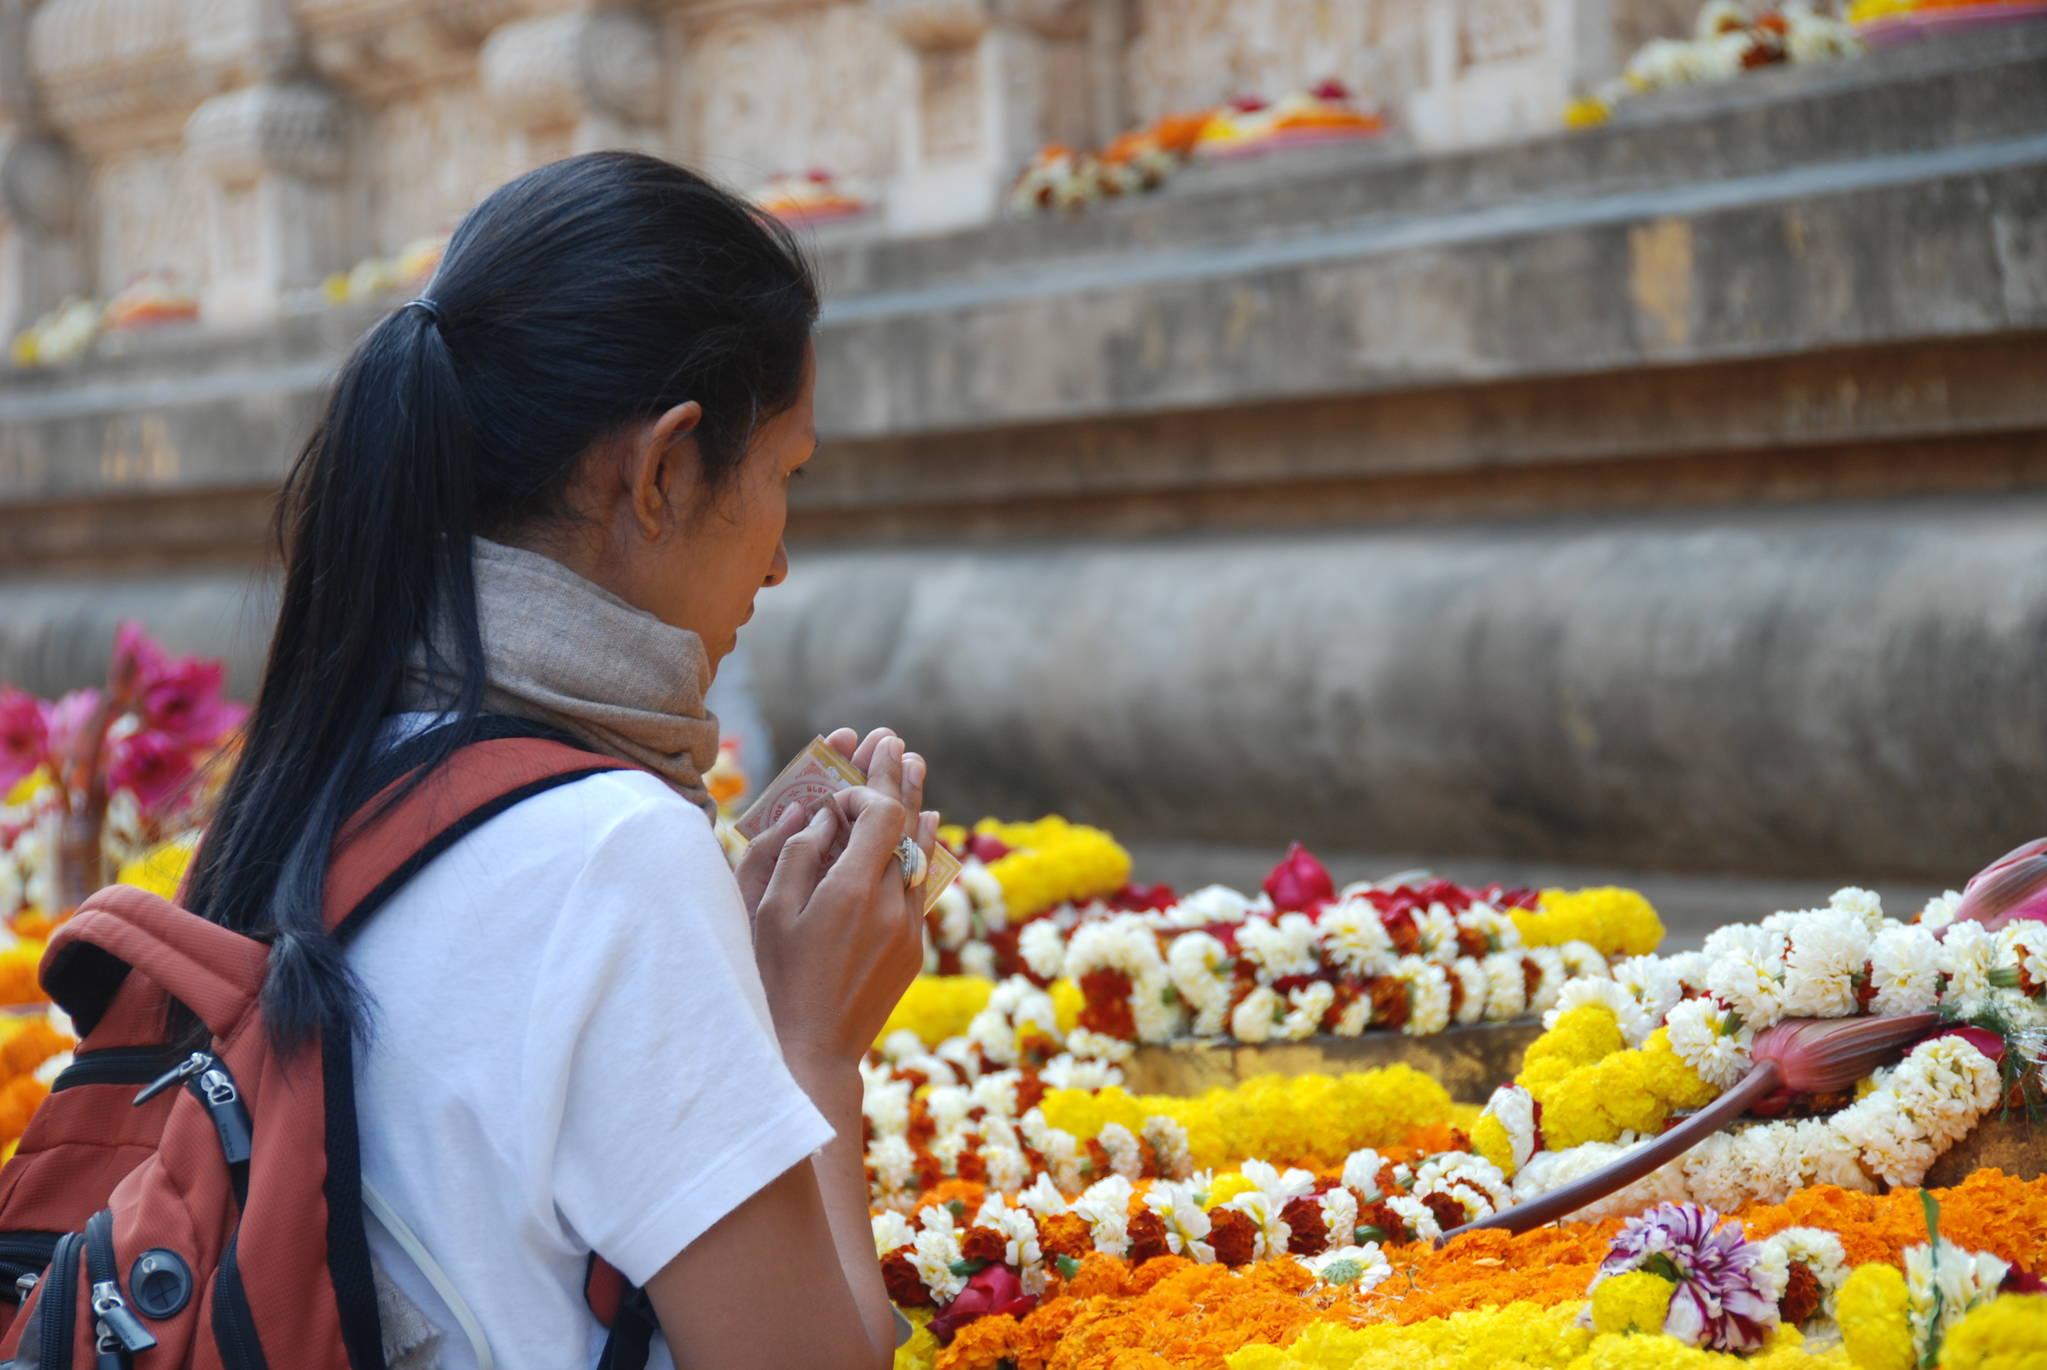 보드가야 사원의 대탑 앞에서 한 순례객이 두 손을 모으고 있다. 그의 앞에는 꽃을 꿰어 만든 꽃목걸이가 놓여 있다. 남방 불교에서는 꽃으로 붓다에게 공양하는 전통이 있다.